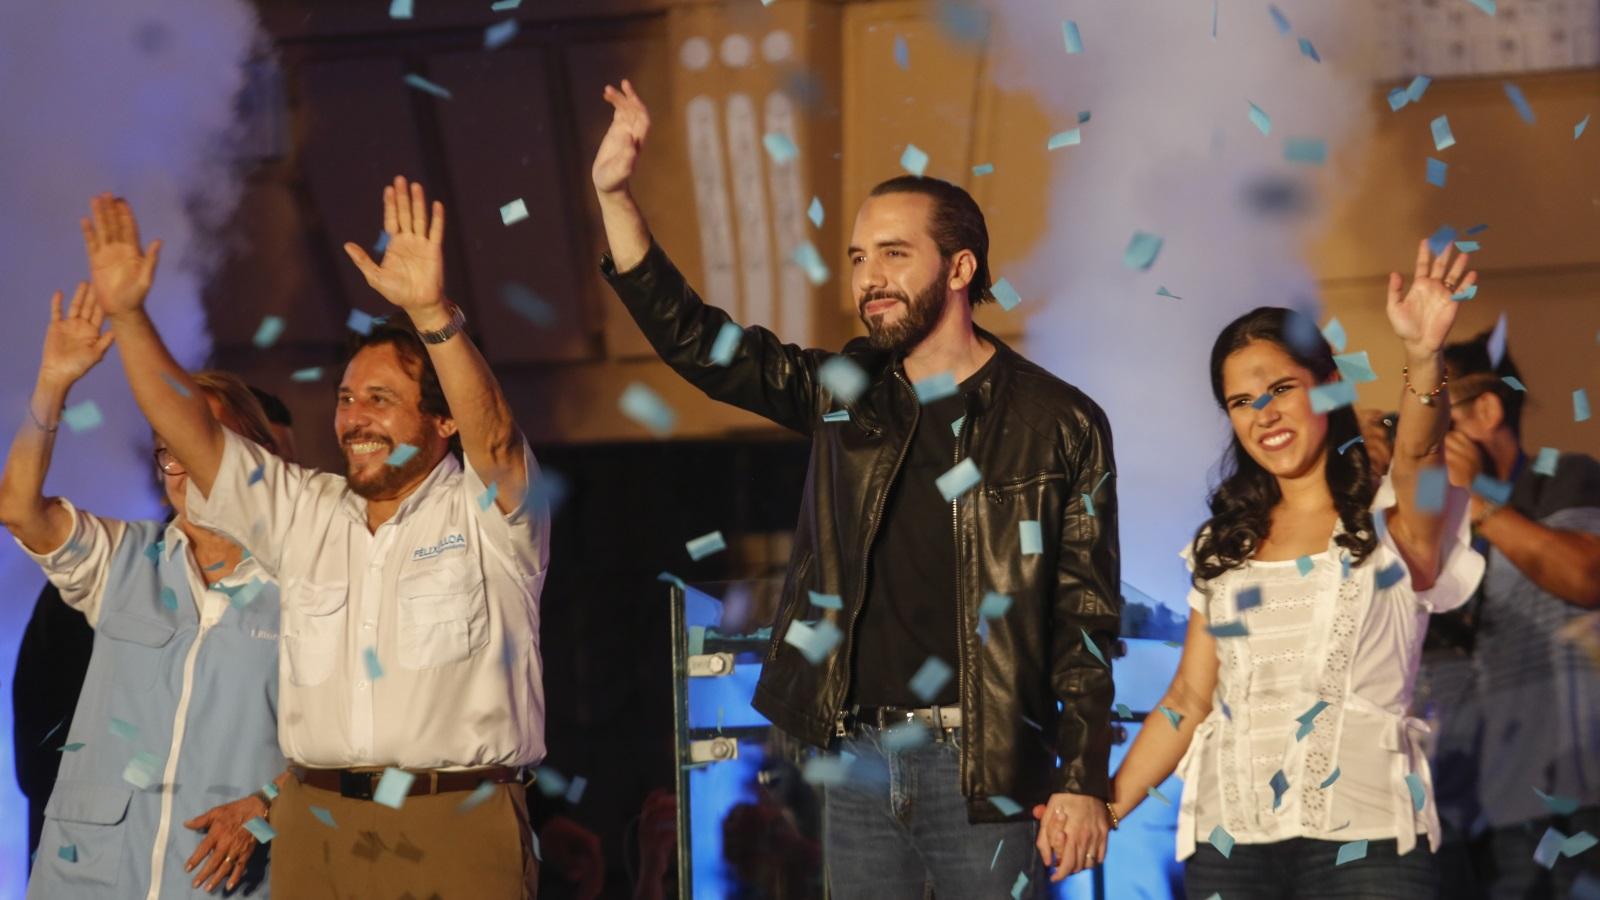 شاب من أصل فلسطيني يفوز برئاسة السلفادور